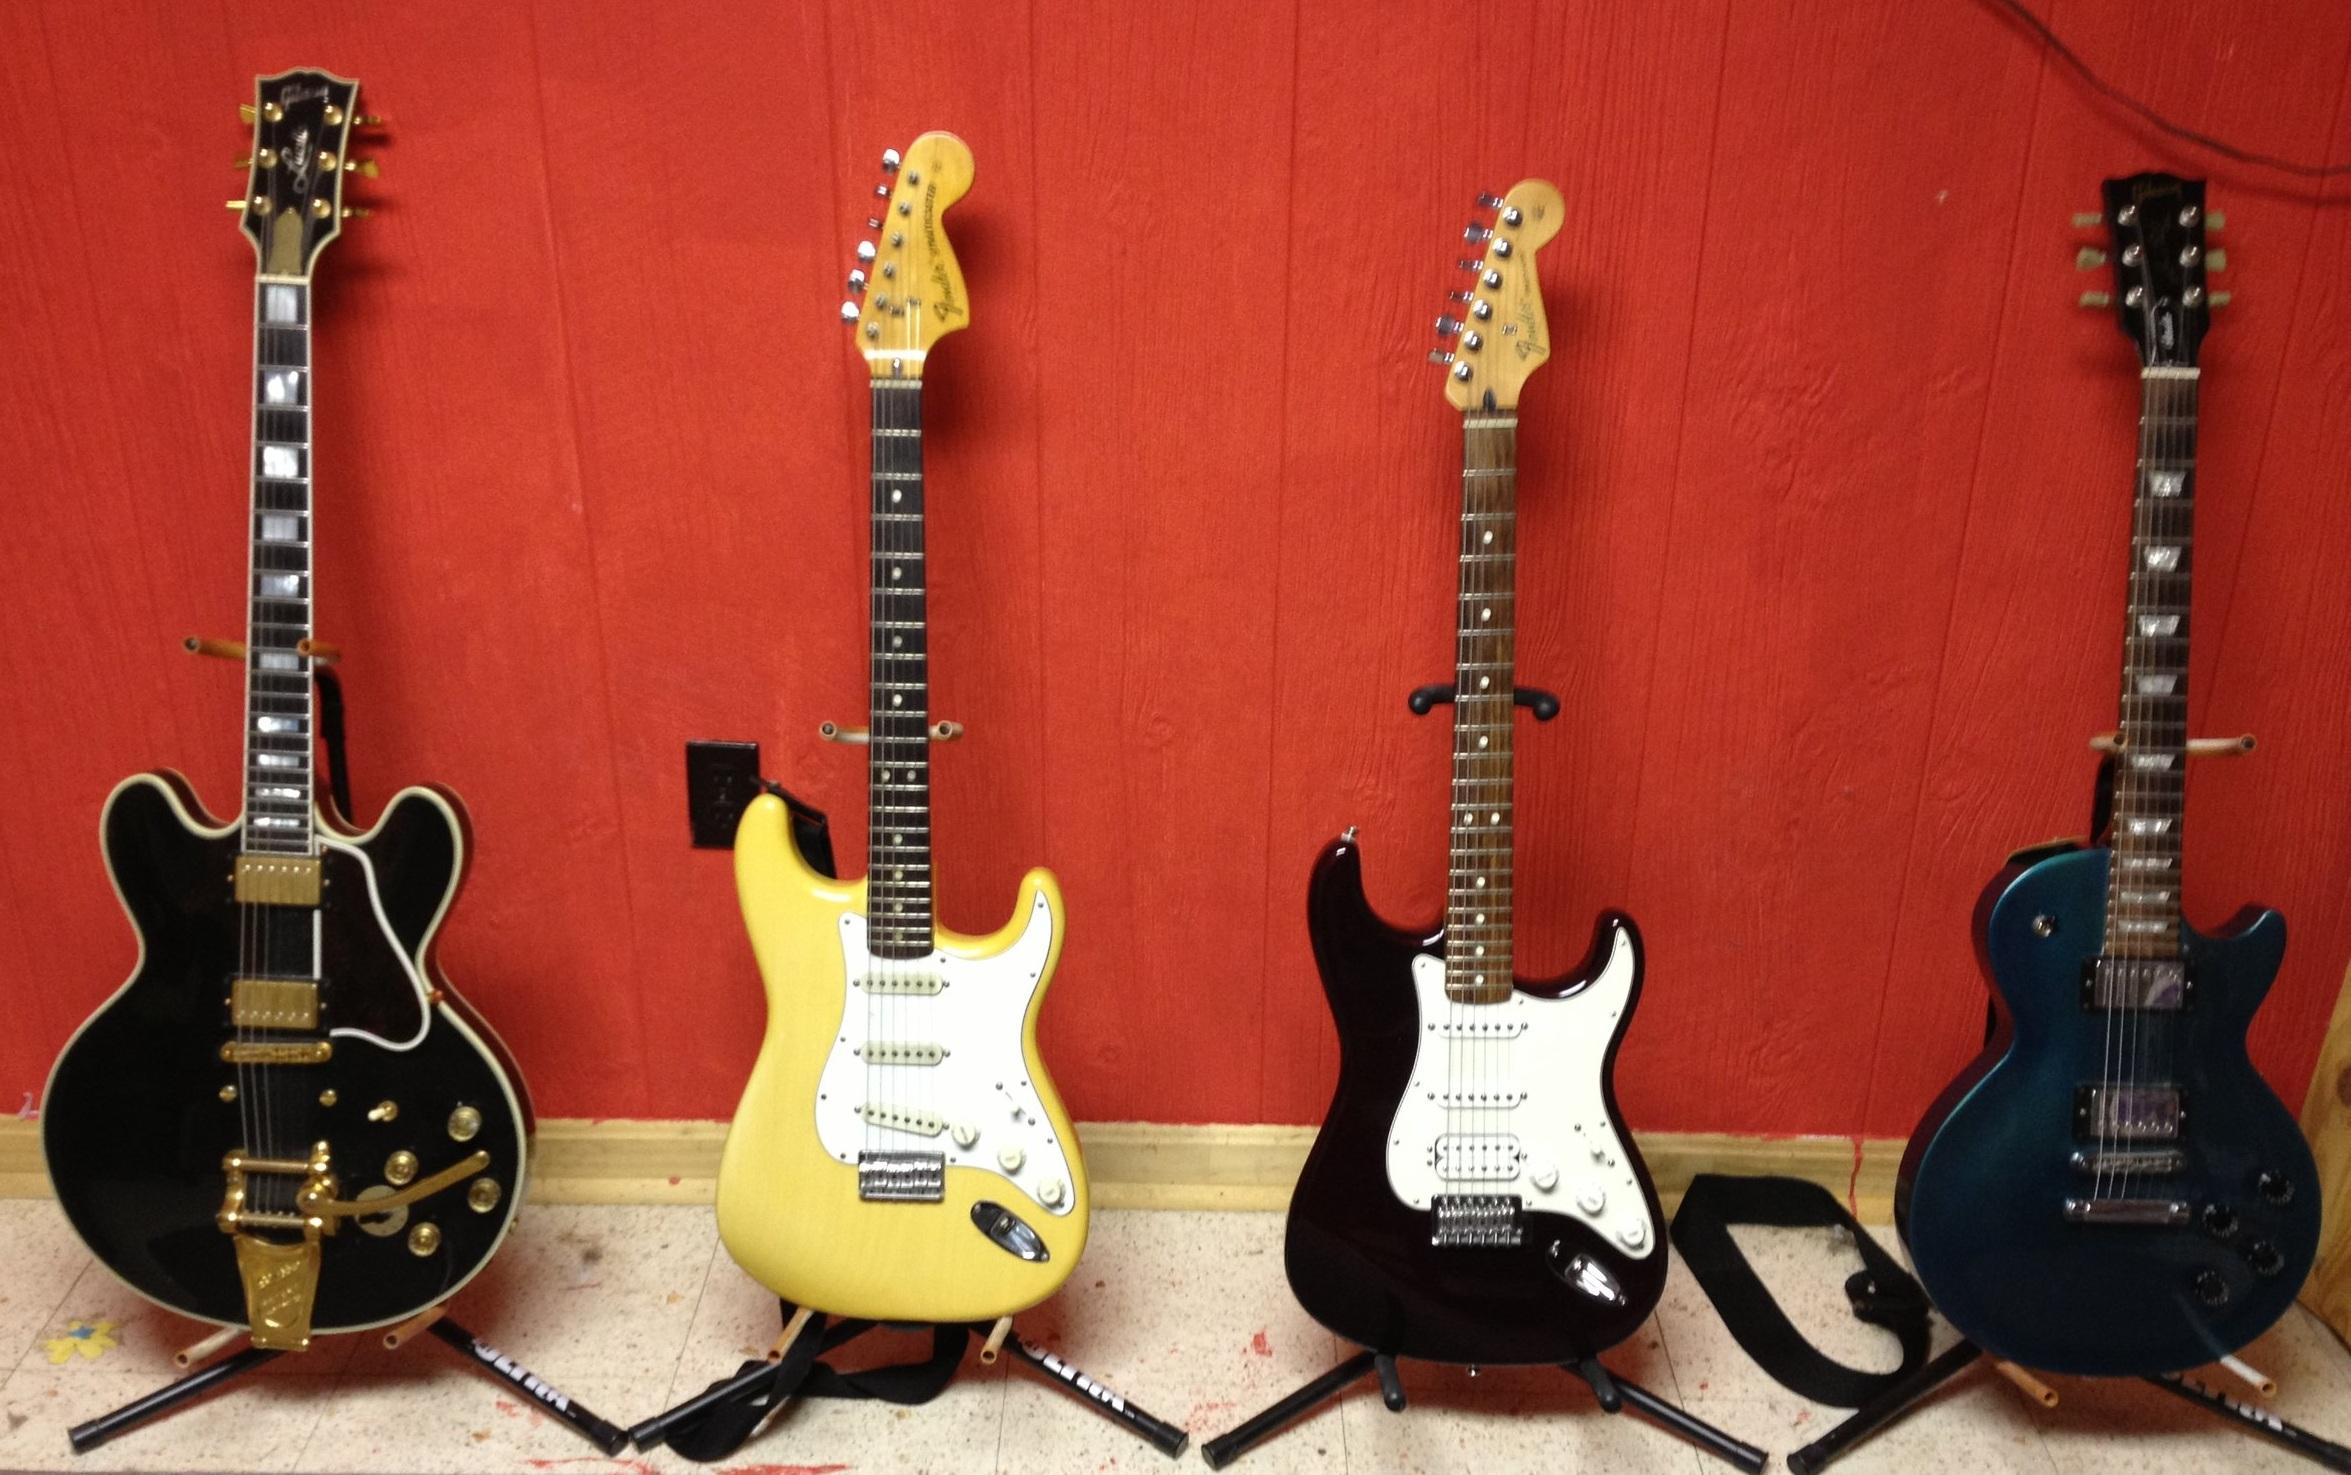 Gibson_Lucille_Fender_Stratocaster_Gibson_Les_Paul_Studio.jpg